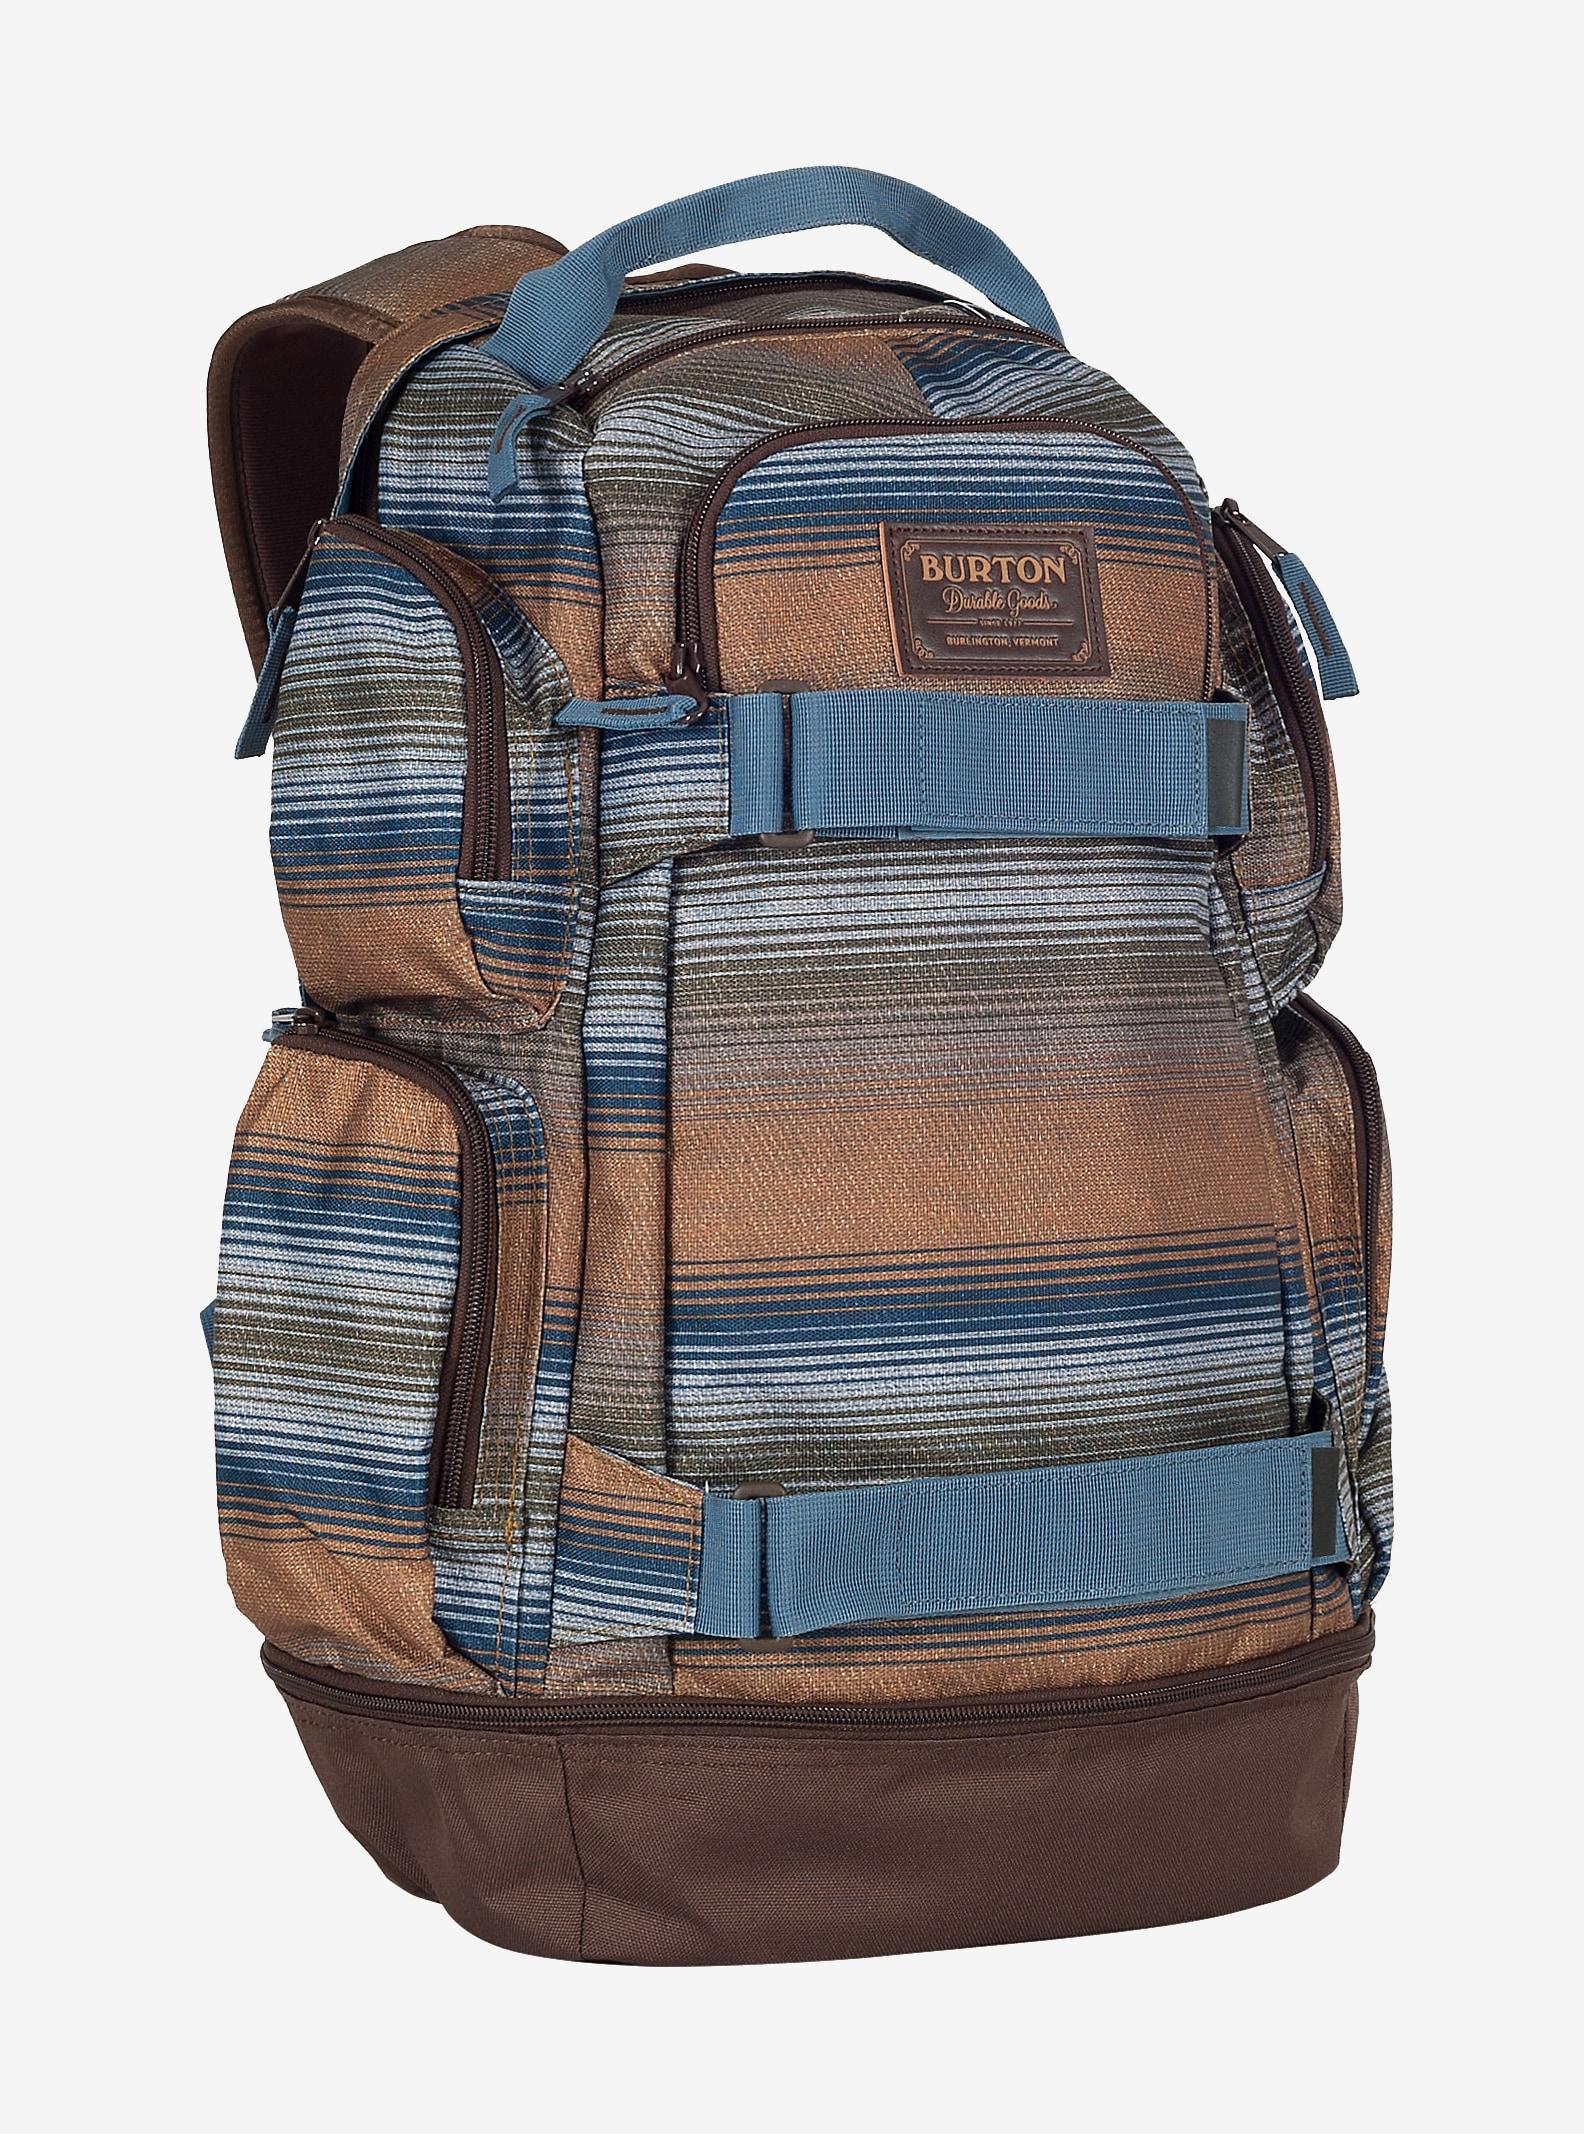 Burton Distortion Rucksack angezeigt in Beach Stripe Print